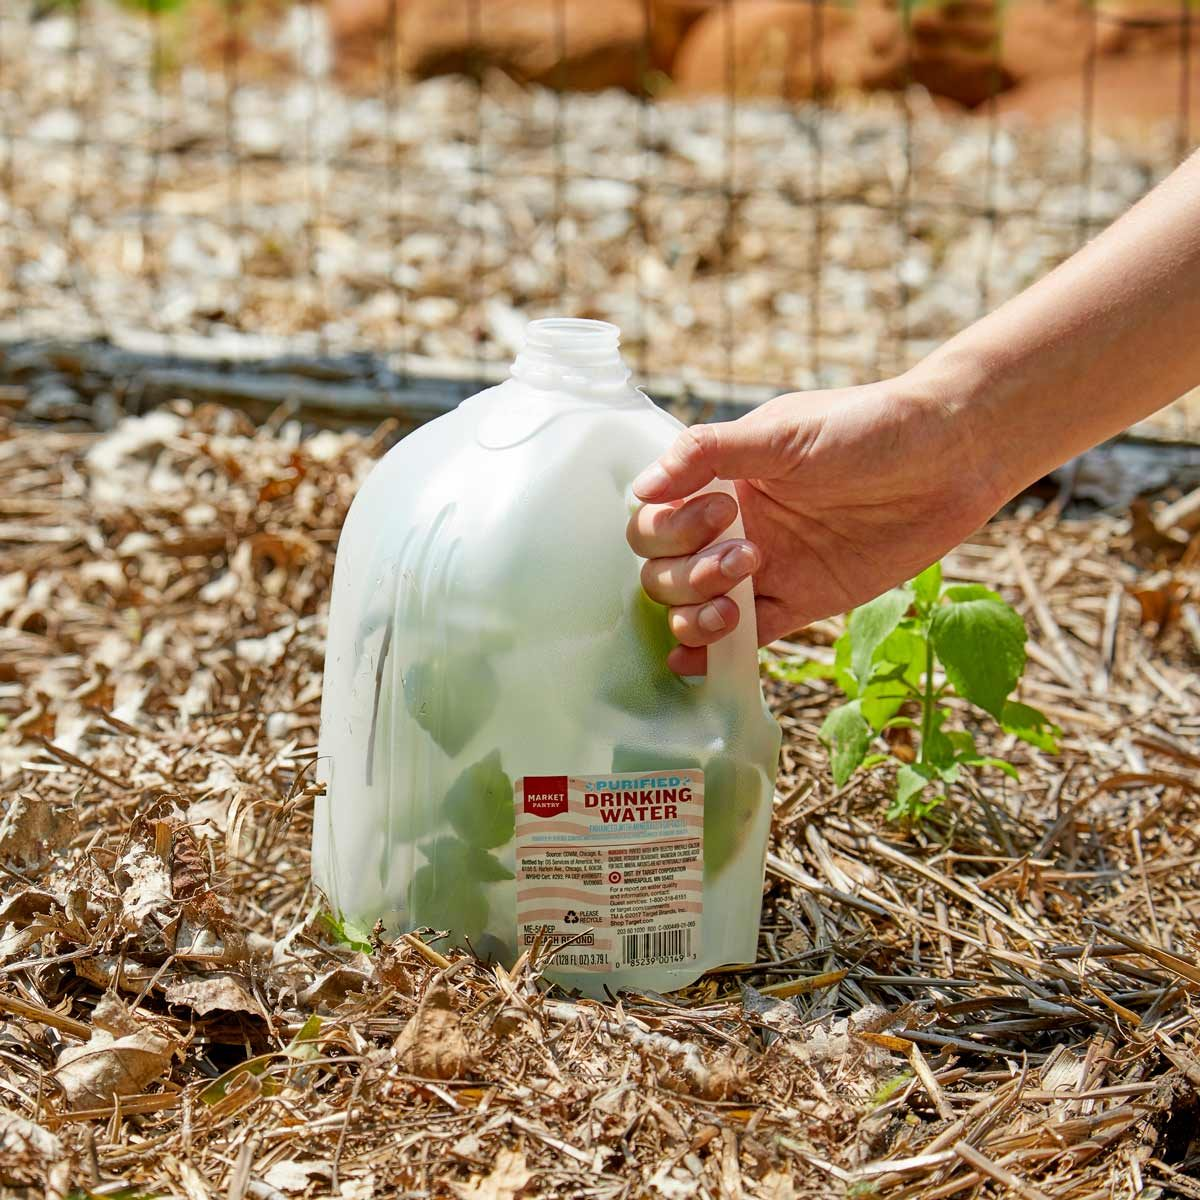 HH milk jug plant protector